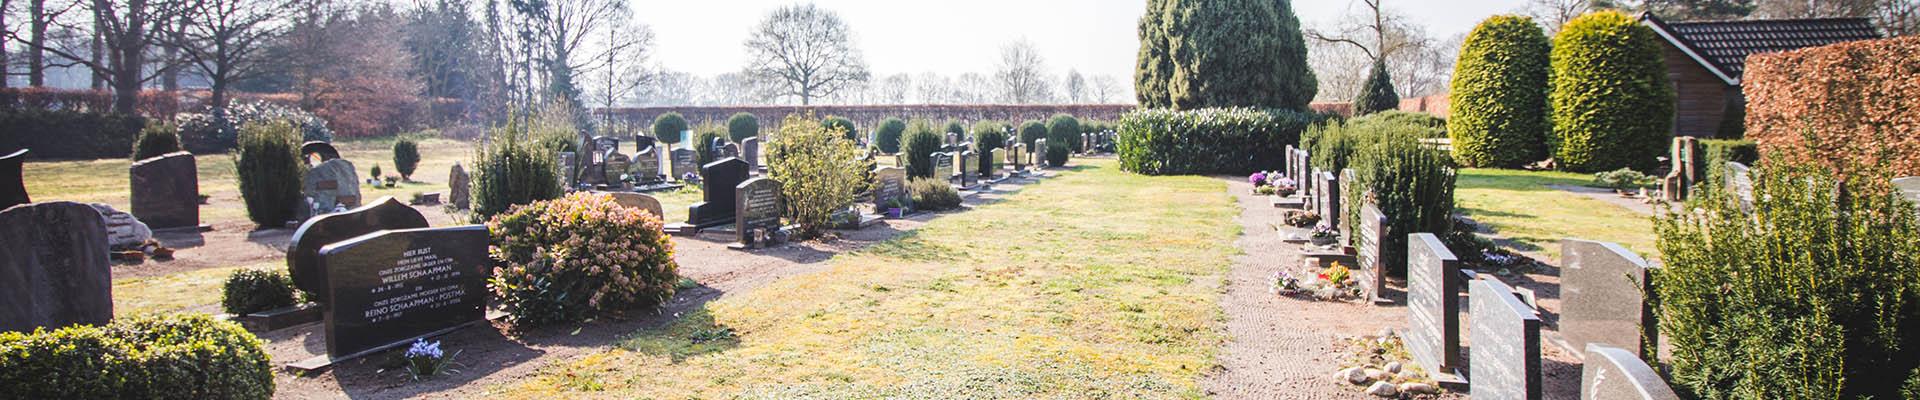 register begraafplaats lemelerveld, begraafplaats, lemelerveld, algemene begraafplaats lemelerveld, begrafenisvereniging, overlijden, begraven, tarieven, informatie, onderhoud